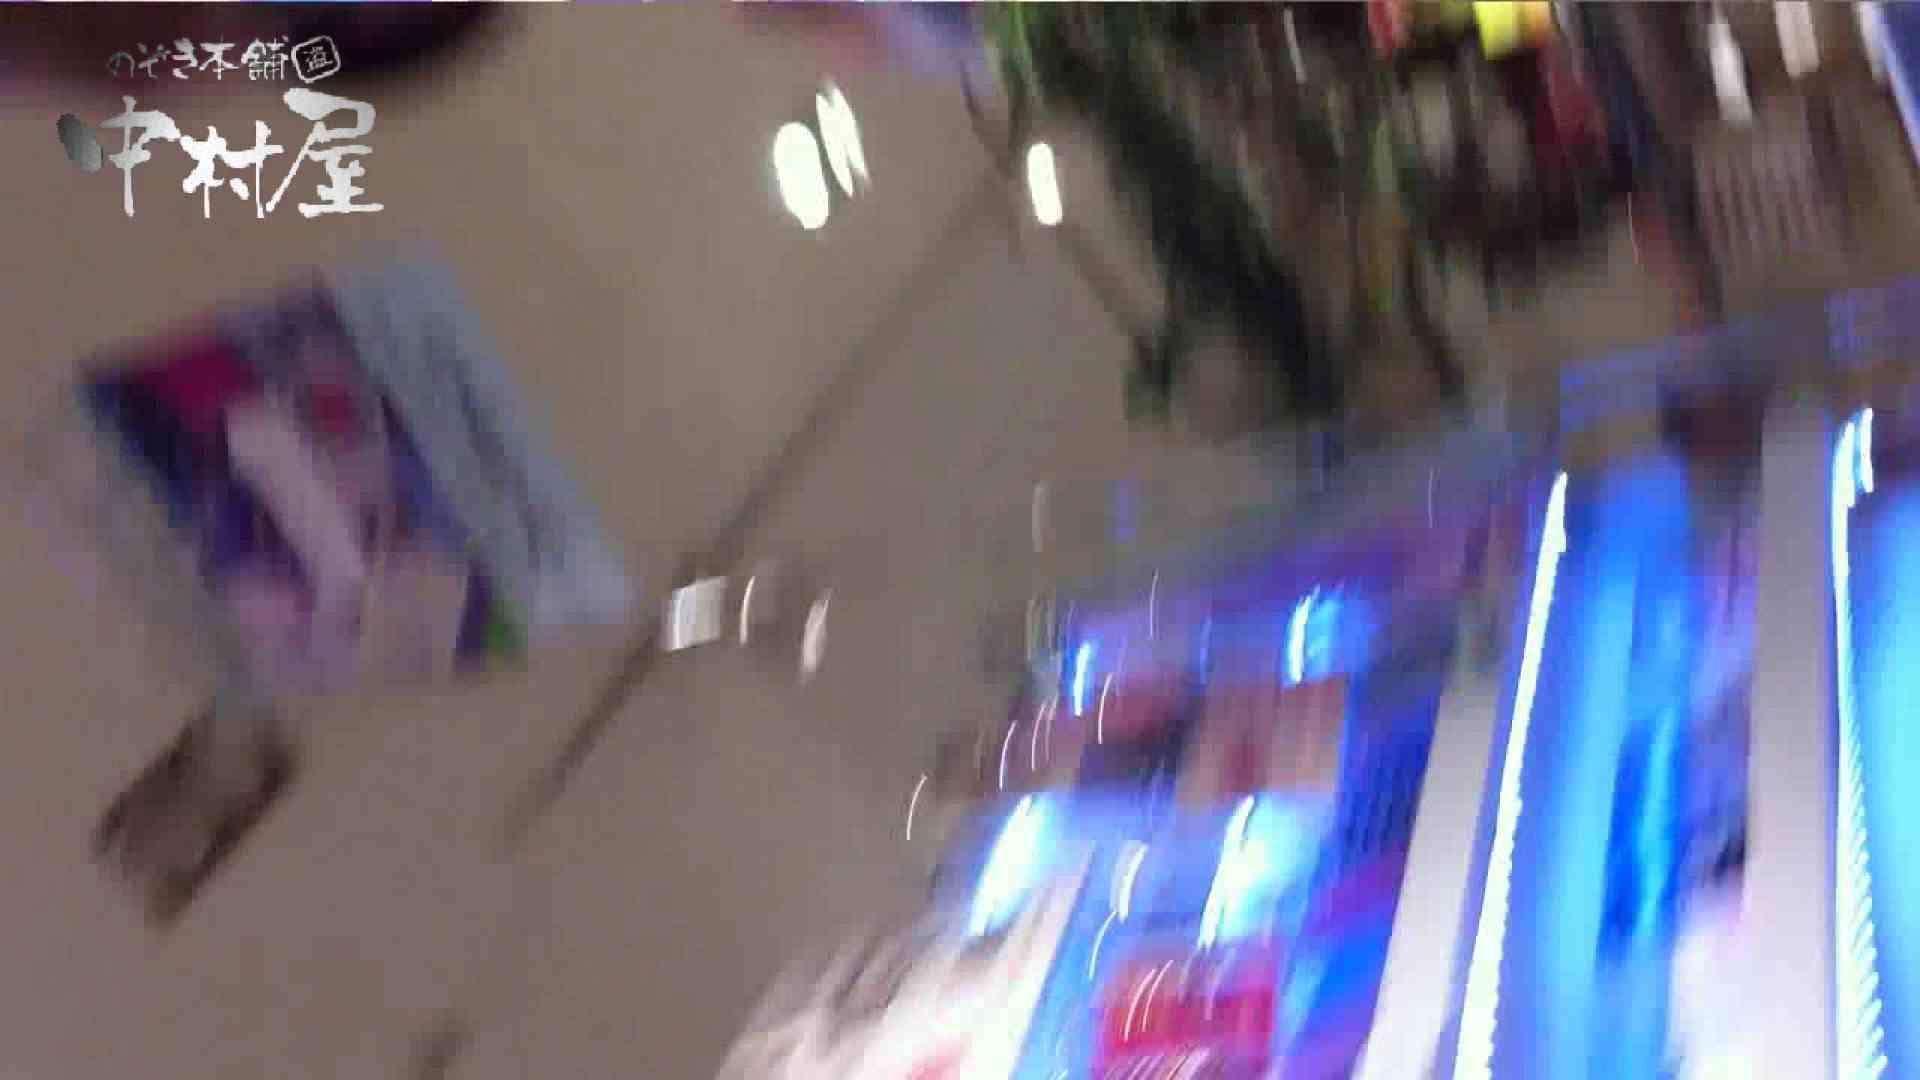 vol.48可愛いカリスマ店員胸チラ&パンチラ アニメ声の店員さん OLセックス 盗撮戯れ無修正画像 110画像 87